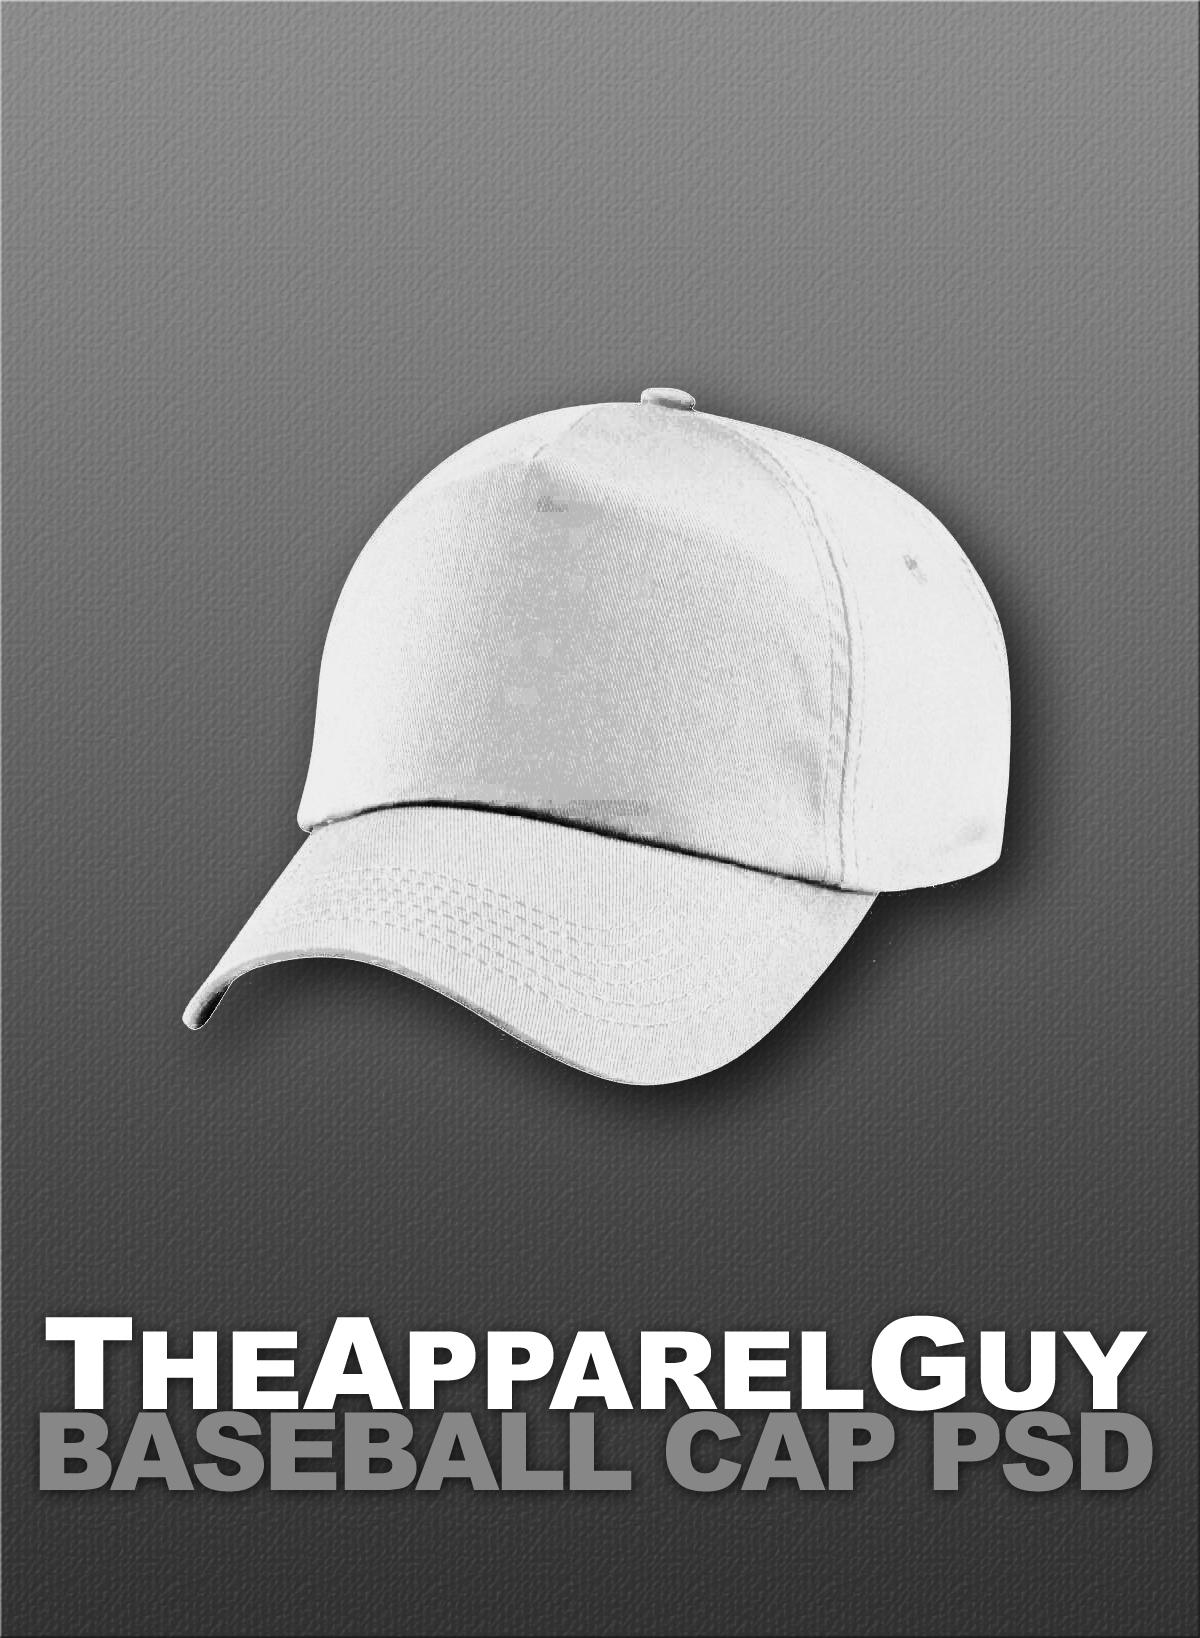 12 Hat Mockup PSD Images